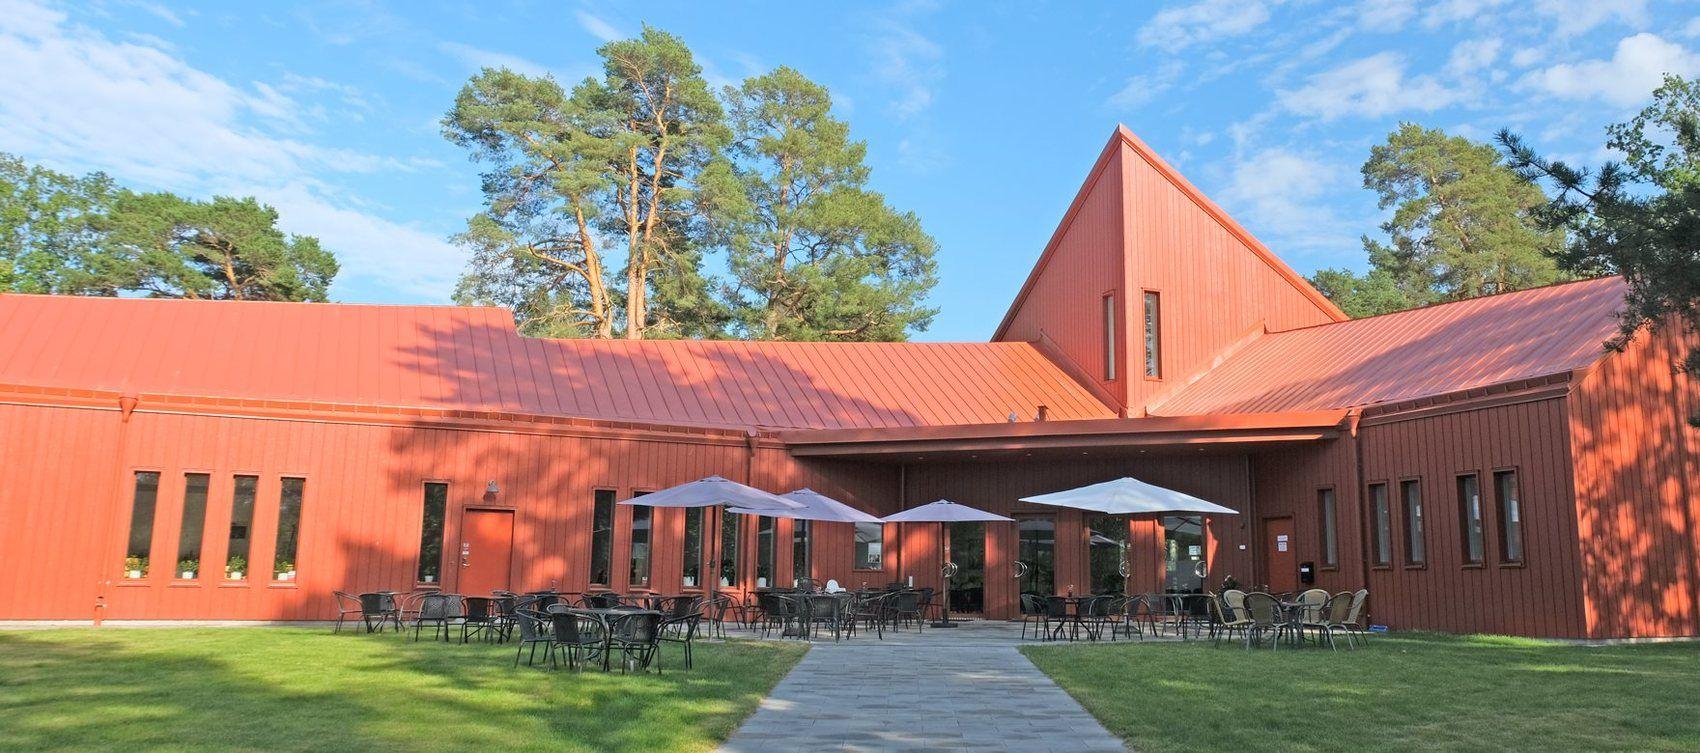 rödfärgad avlång byggnad med många svarta stolar och bord placerade framför byggnaden